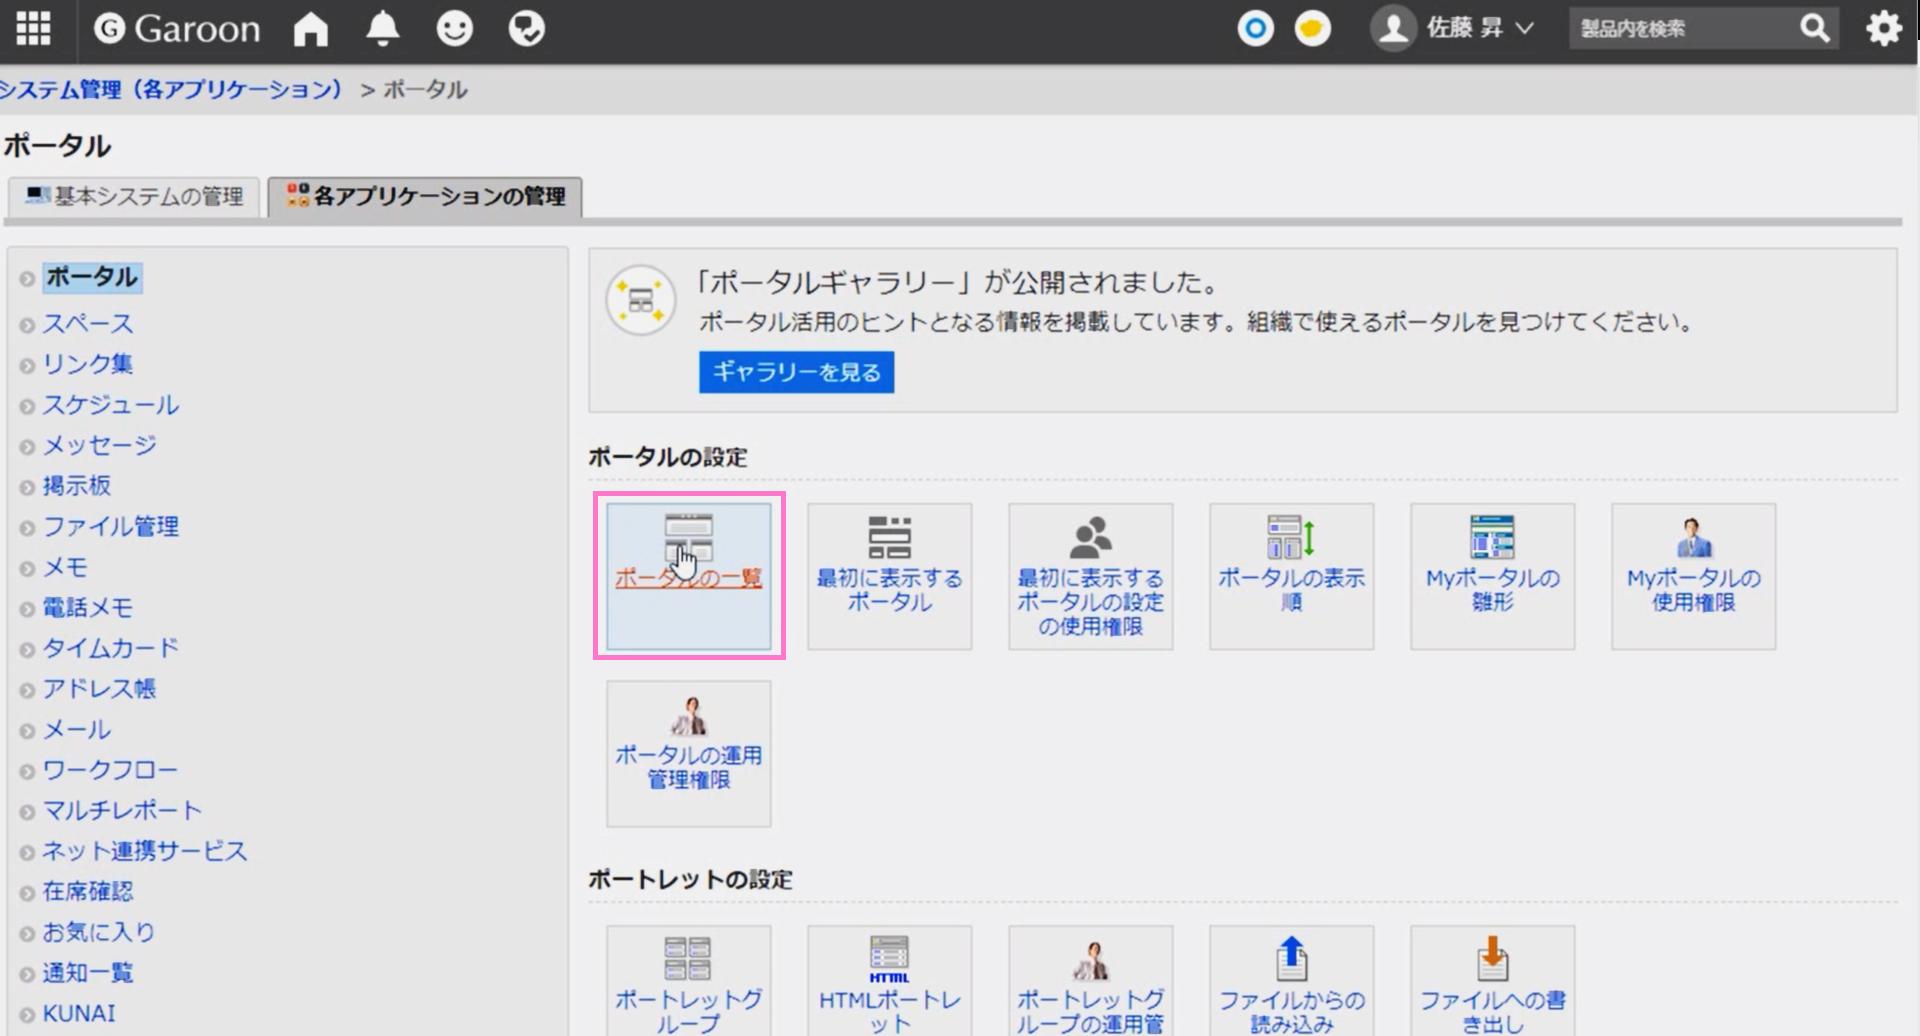 https://enterprise.cybozu.co.jp/8a393247e839715427b9d15ef4be6347f90a4070.png